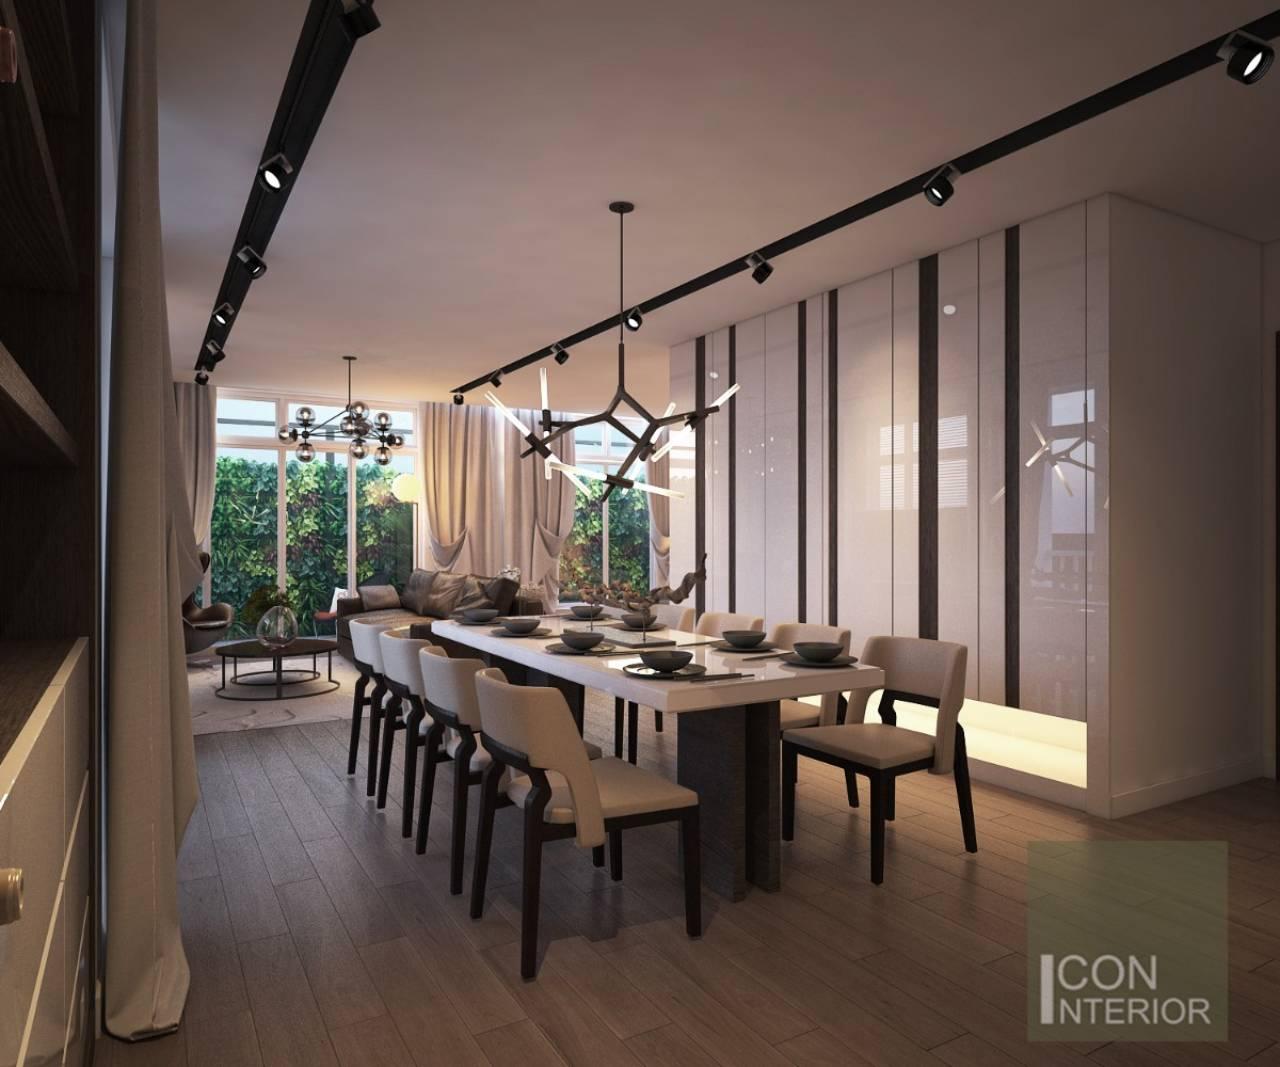 phòng ăn biệt thự hiện đại